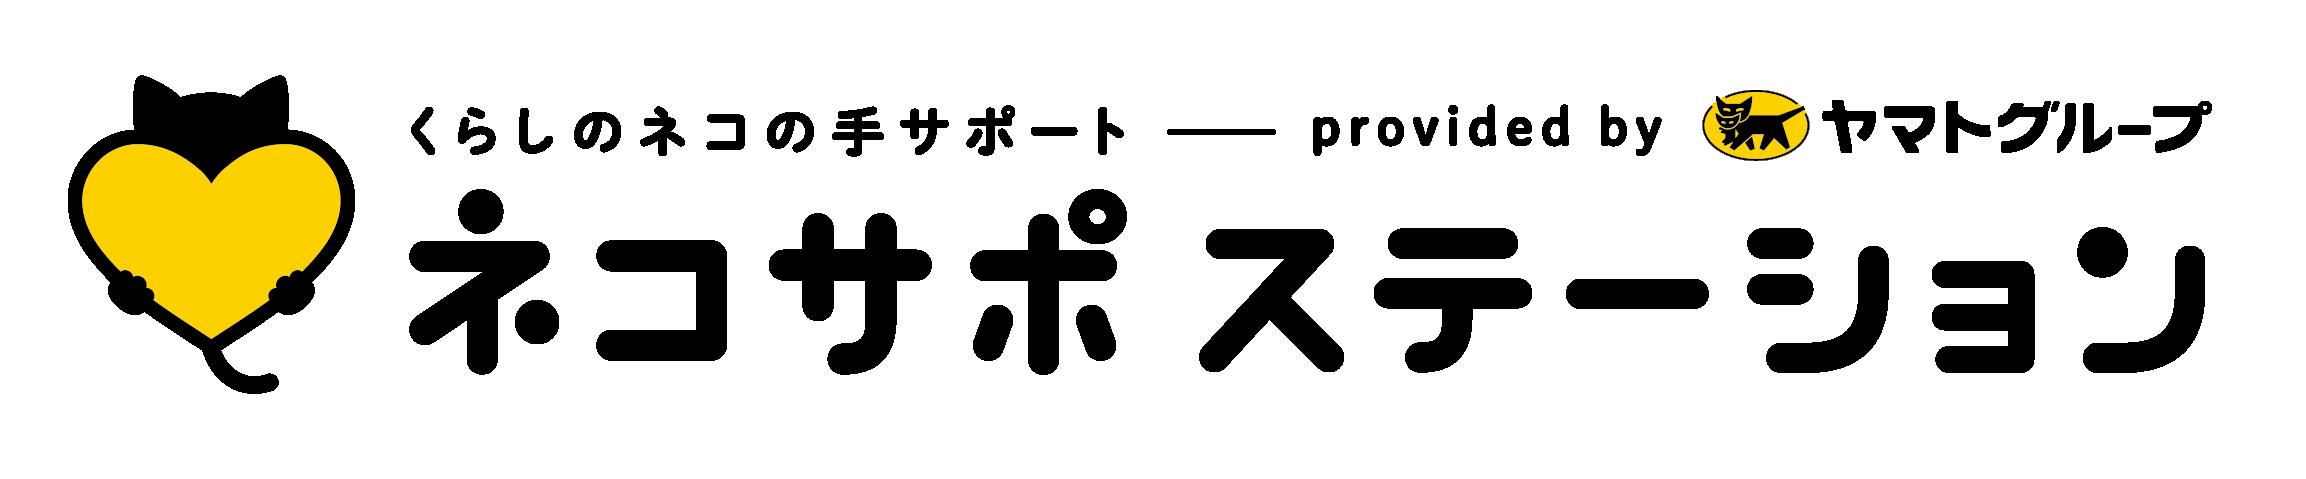 デリバリーサービス注文サイト